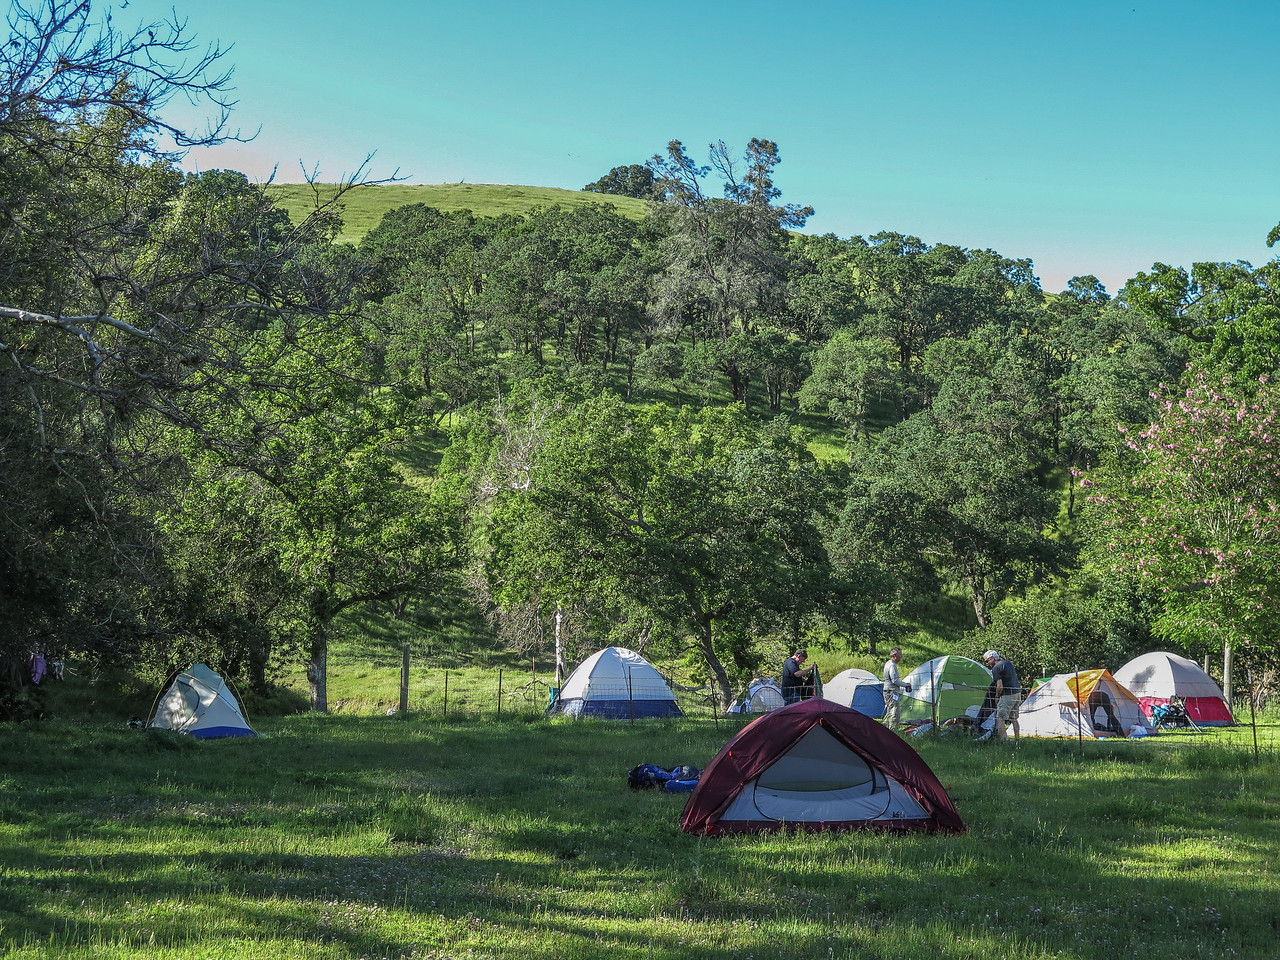 Day 2 Campsite